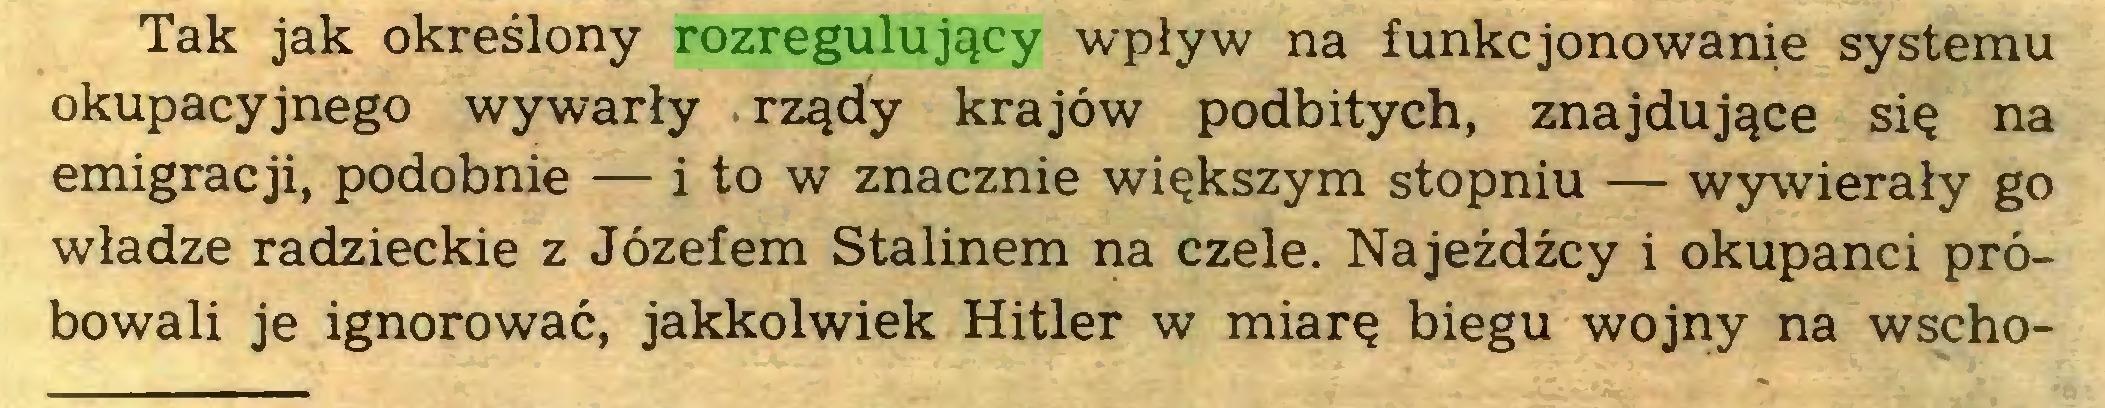 (...) Tak jak określony rozregulujący wpływ na funkcjonowanie systemu okupacyjnego wywarły rządy krajów podbitych, znajdujące się na emigracji, podobnie — i to w znacznie większym stopniu — wywierały go władze radzieckie z Józefem Stalinem na czele. Najeźdźcy i okupanci próbowali je ignorować, jakkolwiek Hitler w miarę biegu wojny na wscho...